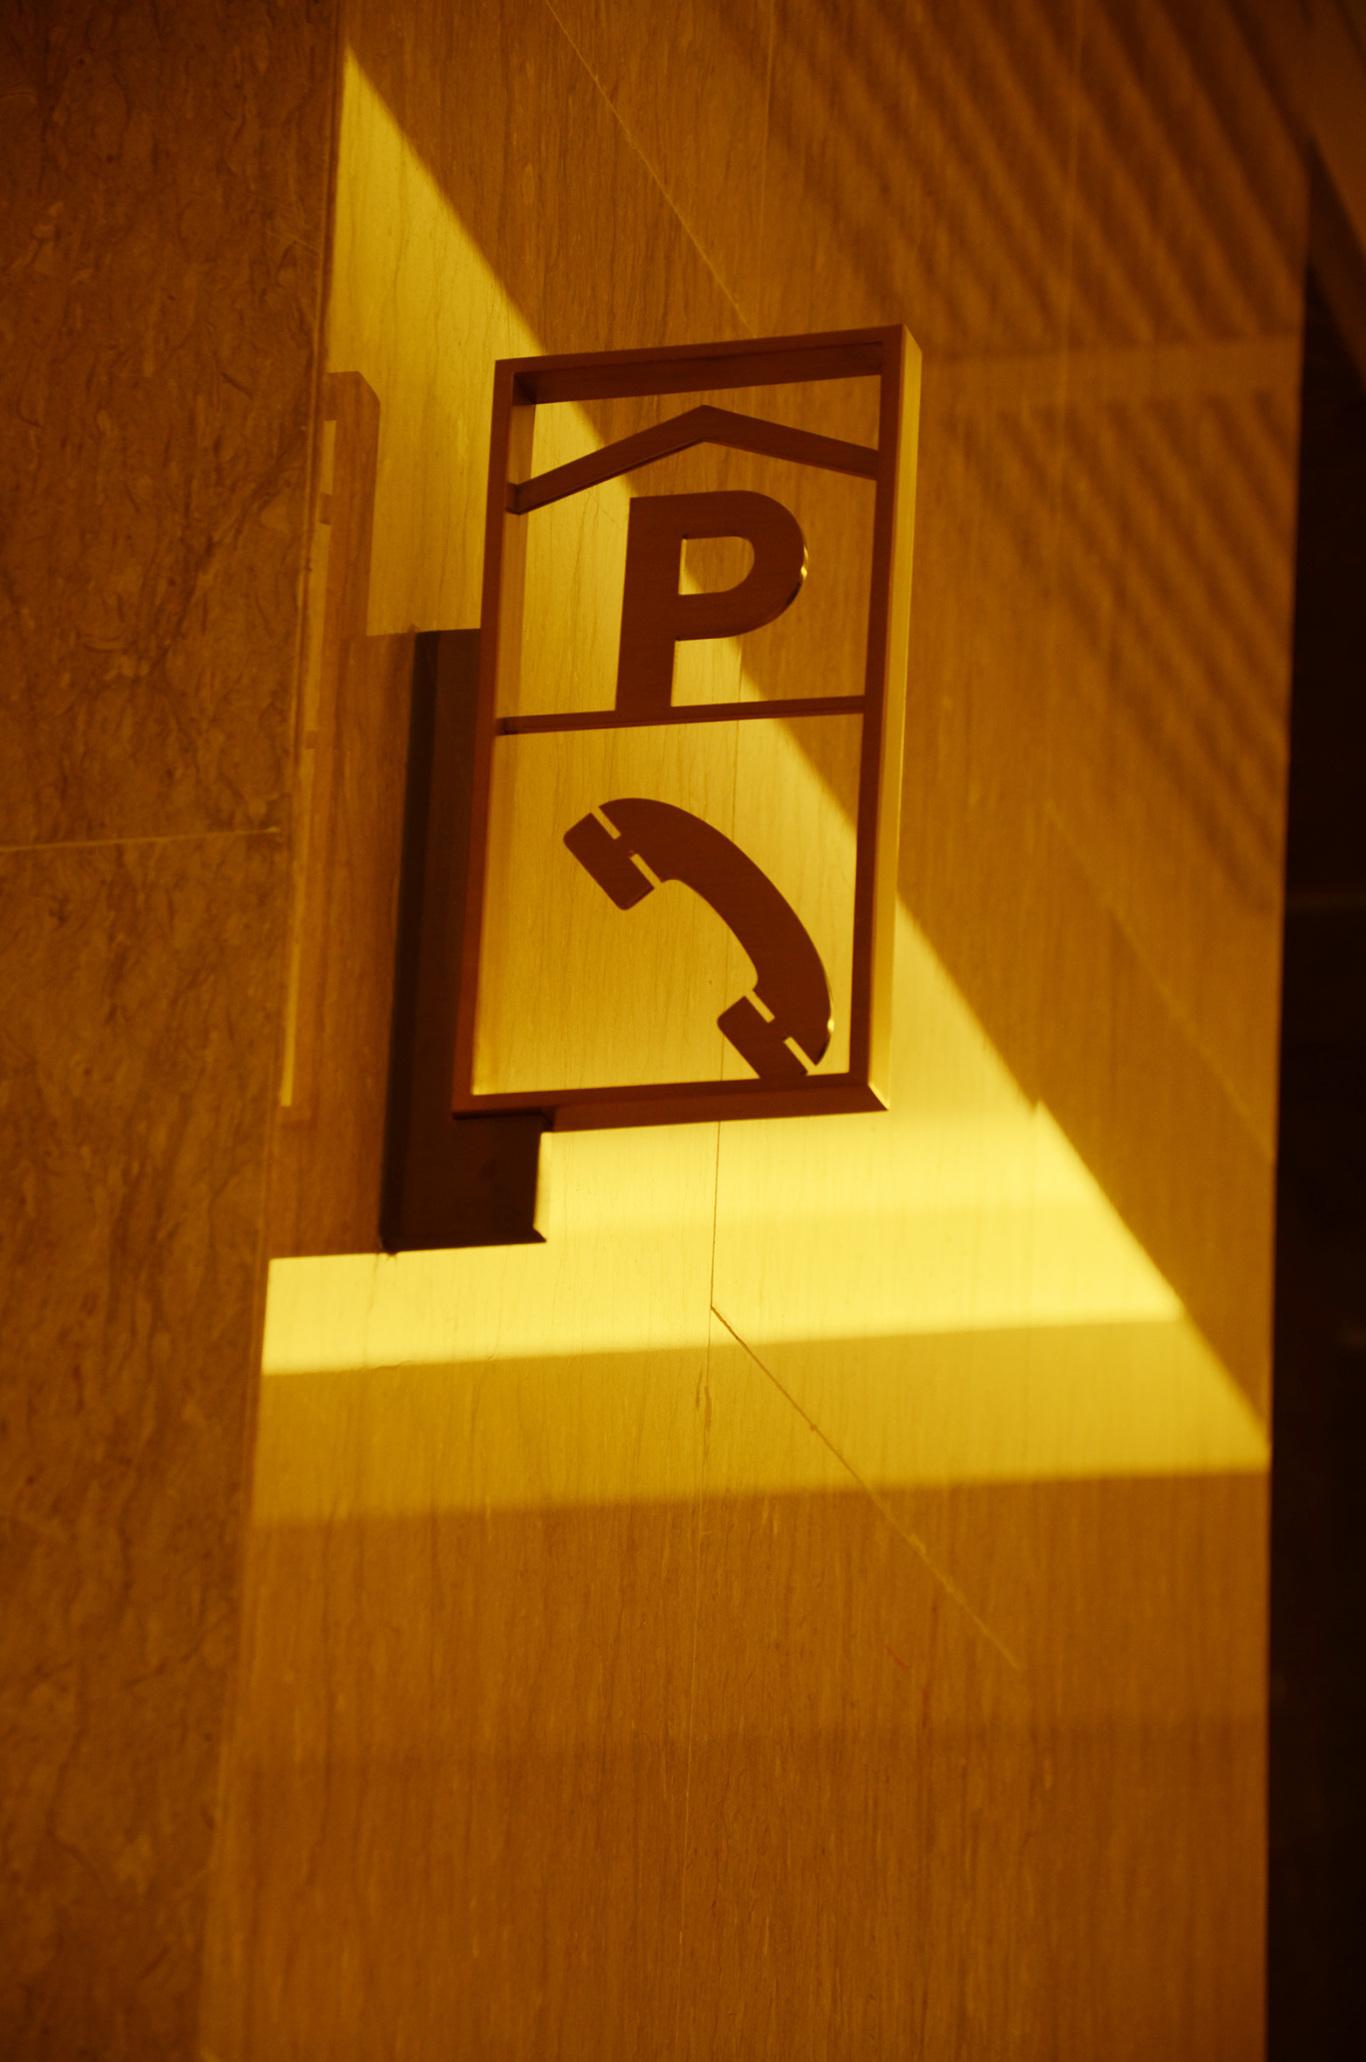 南京希尔顿酒店标识系统设计图5